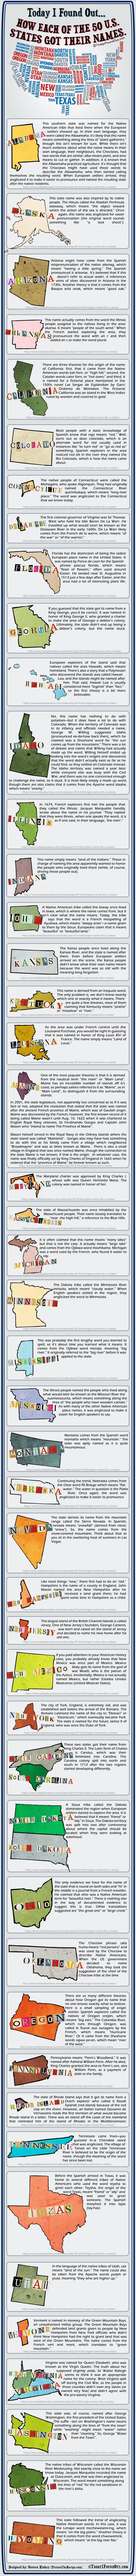 L'origine du nom des états USA.